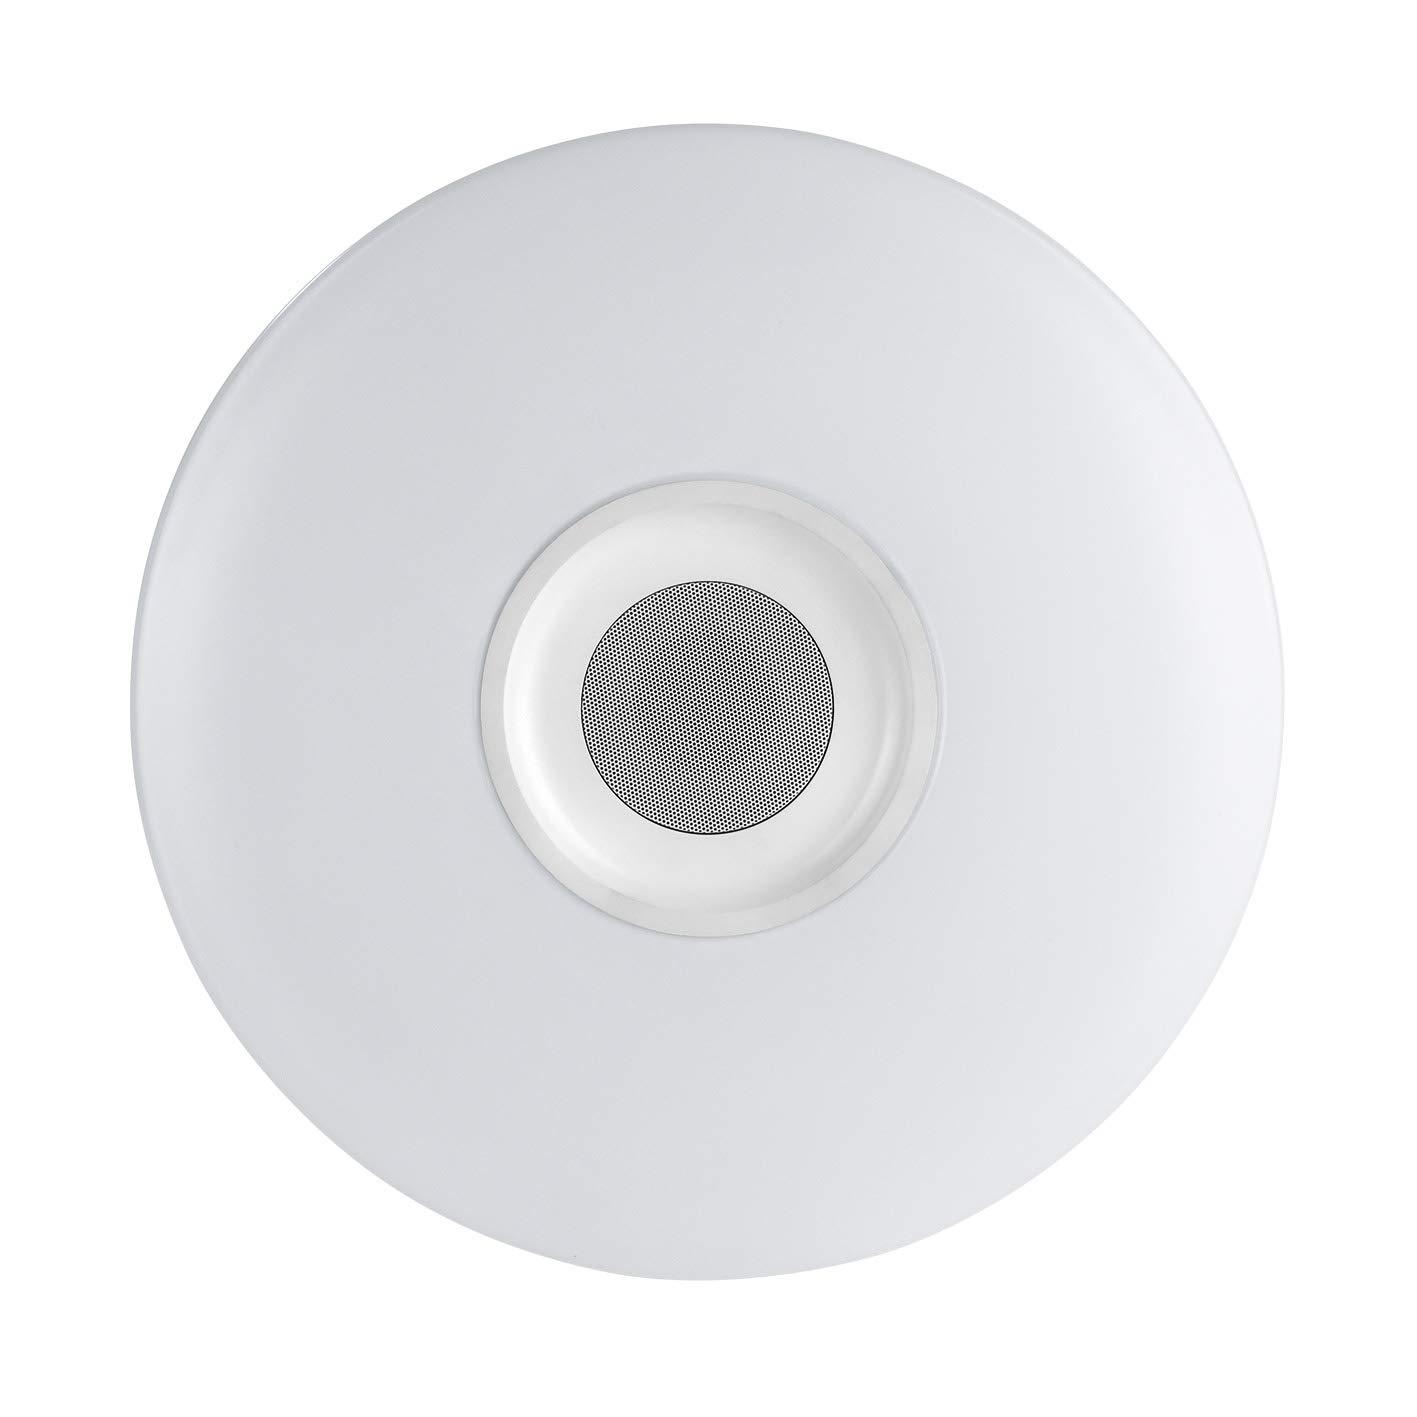 easymaxx 03460 - Lámpara LED de techo con integrado de Bluetooth Altavoz |, Party lámpara de & altavoz Bluetooth® | DIMM Bar, Monótono o Cambio de color ...